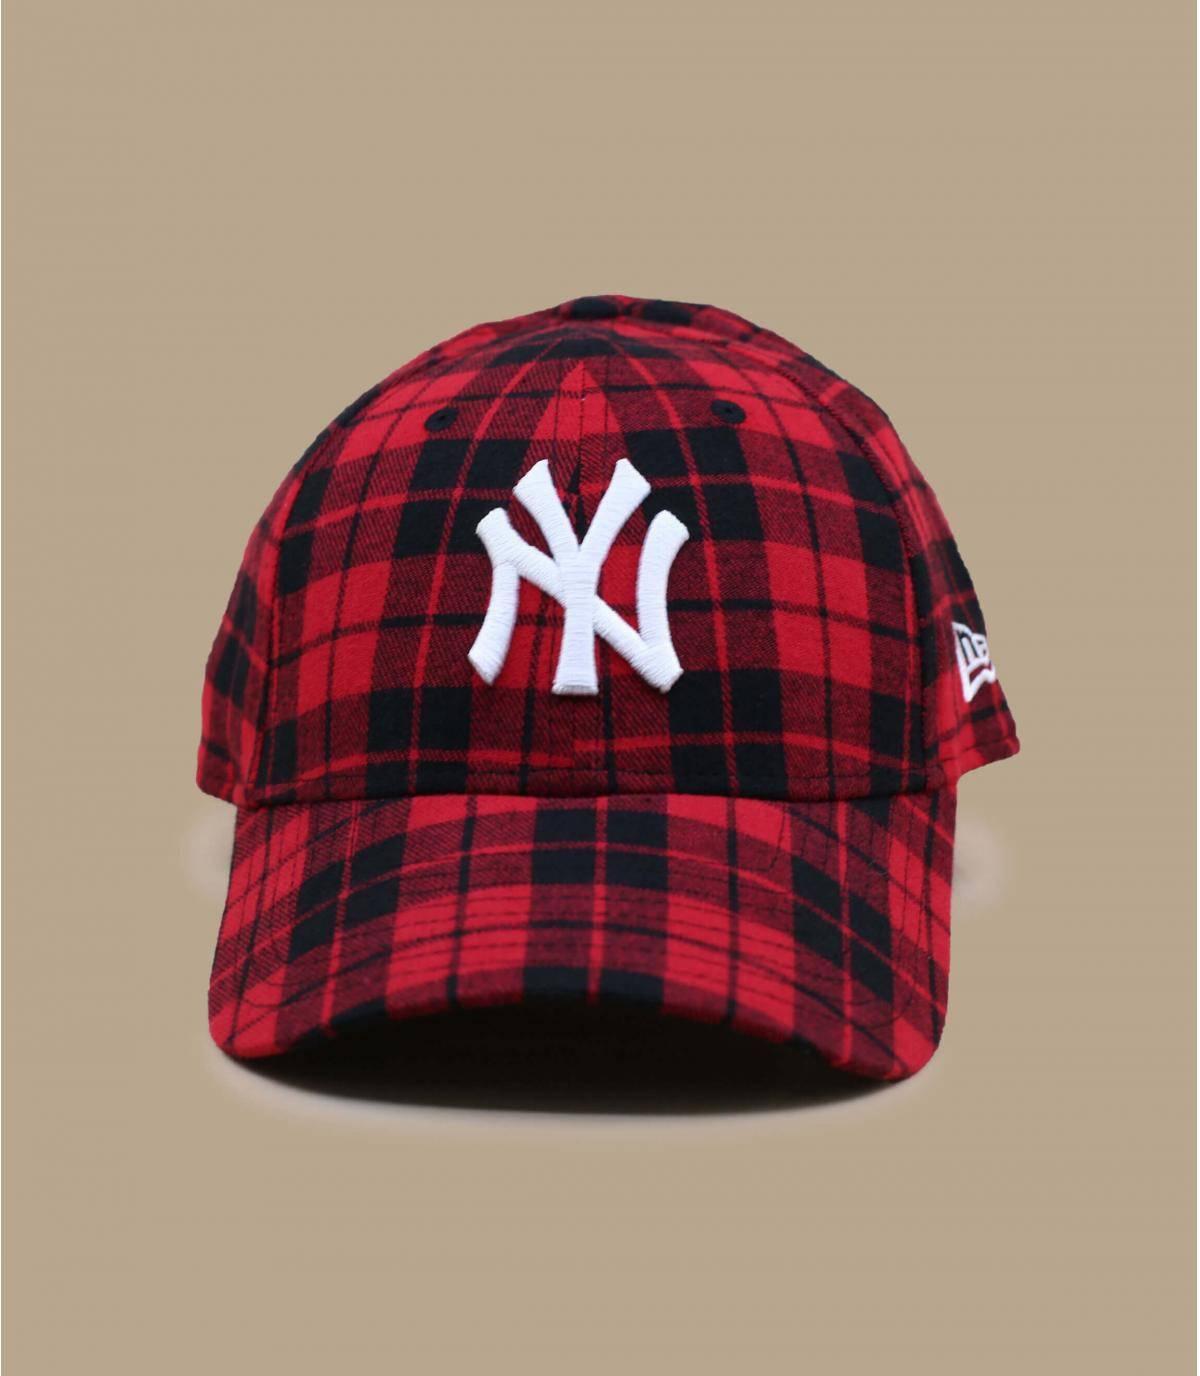 NY plaid cap